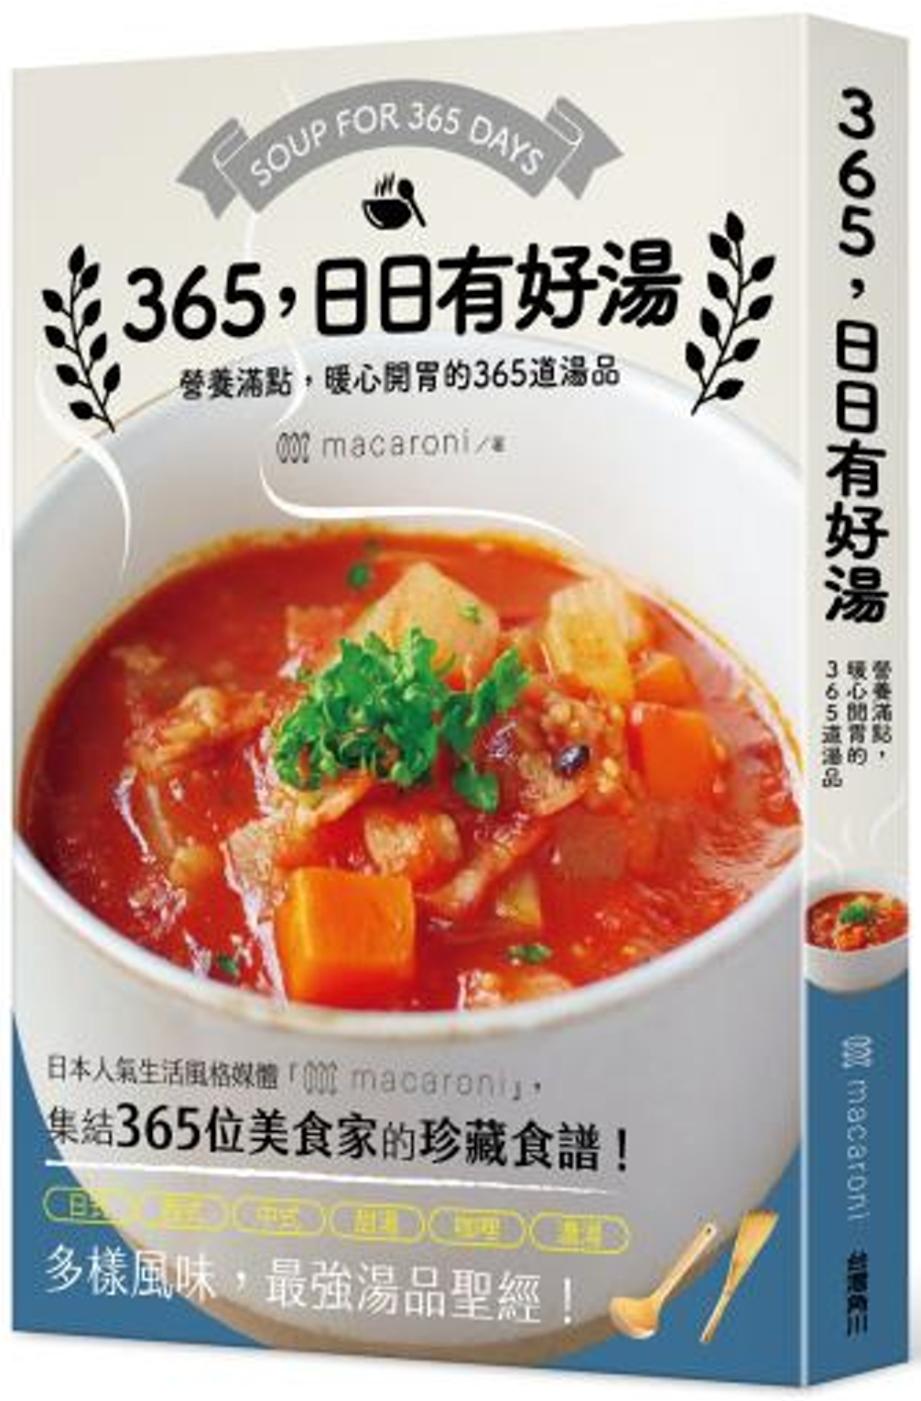 365,日日有好湯:營養滿點,...